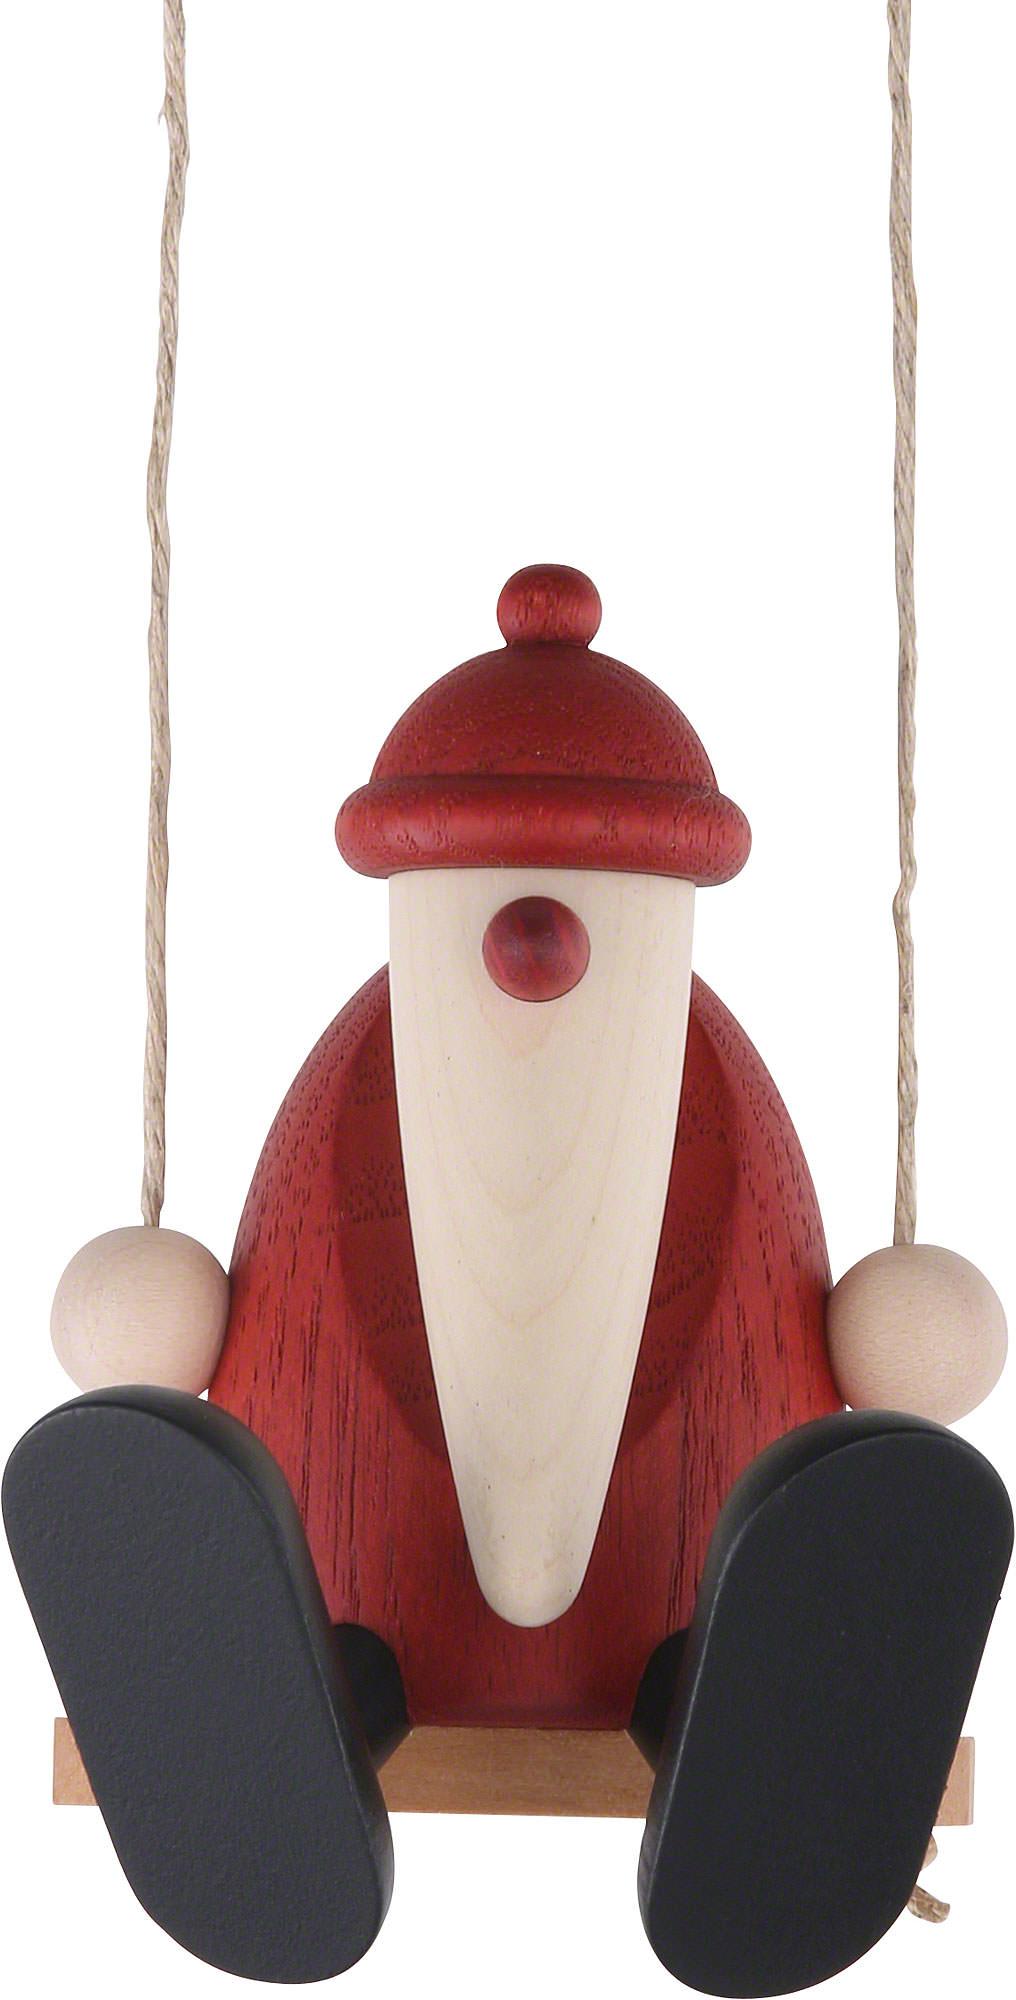 weihnachtsmann auf schaukel 9 cm von bj rn k hler. Black Bedroom Furniture Sets. Home Design Ideas